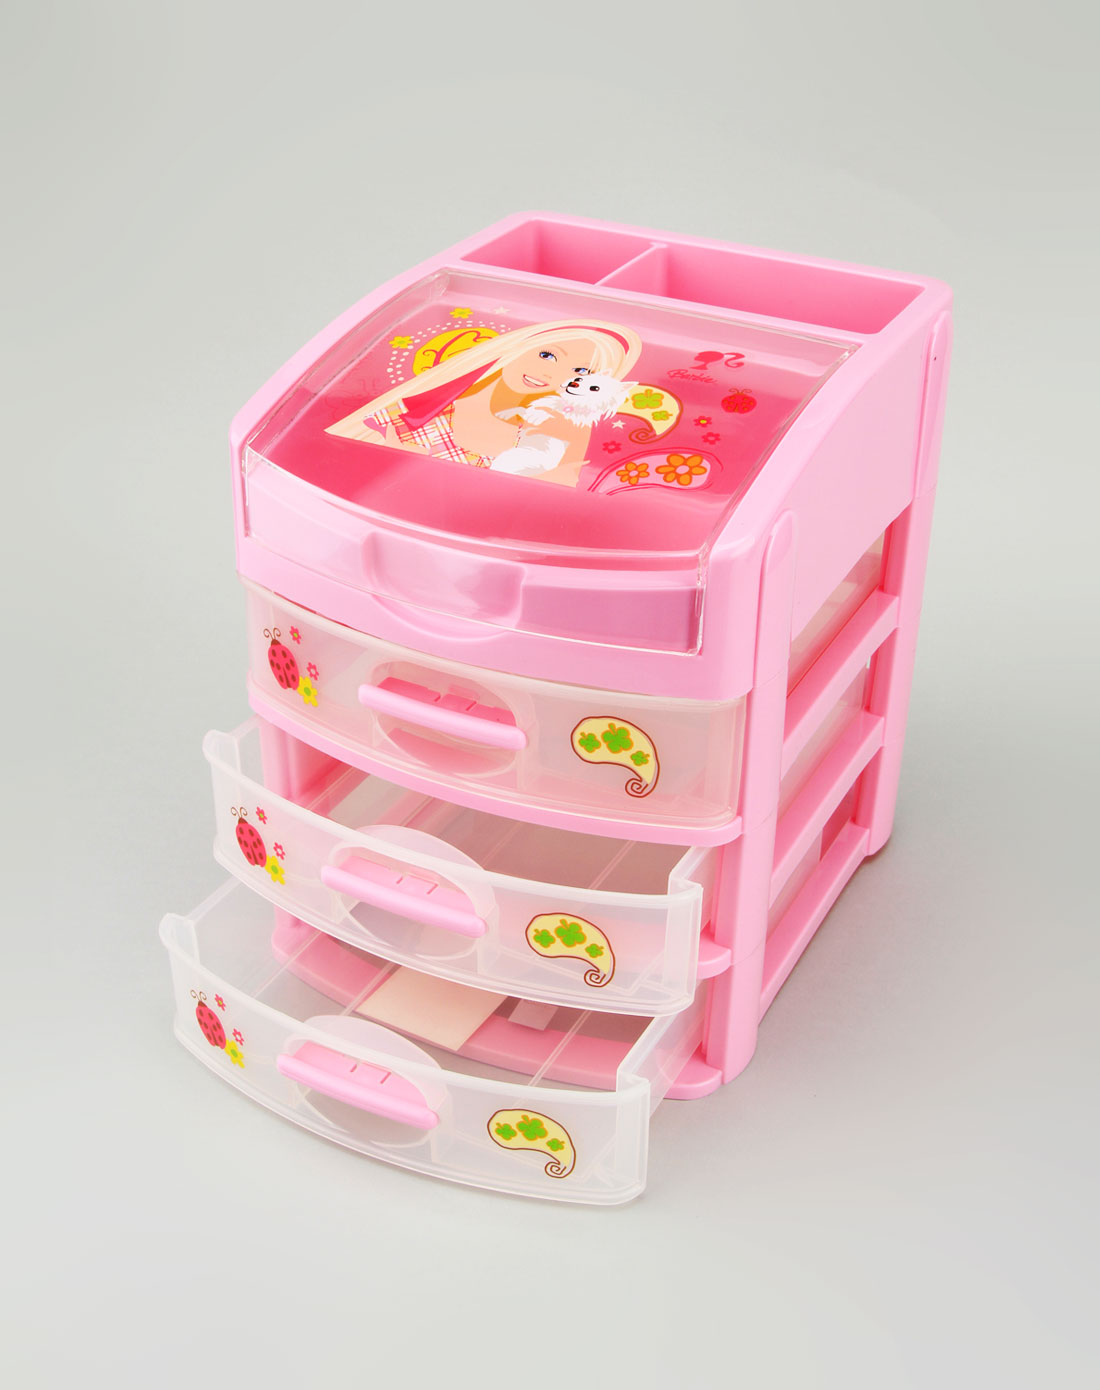 包装盒 化妆盒 1100_1390 竖版 竖屏